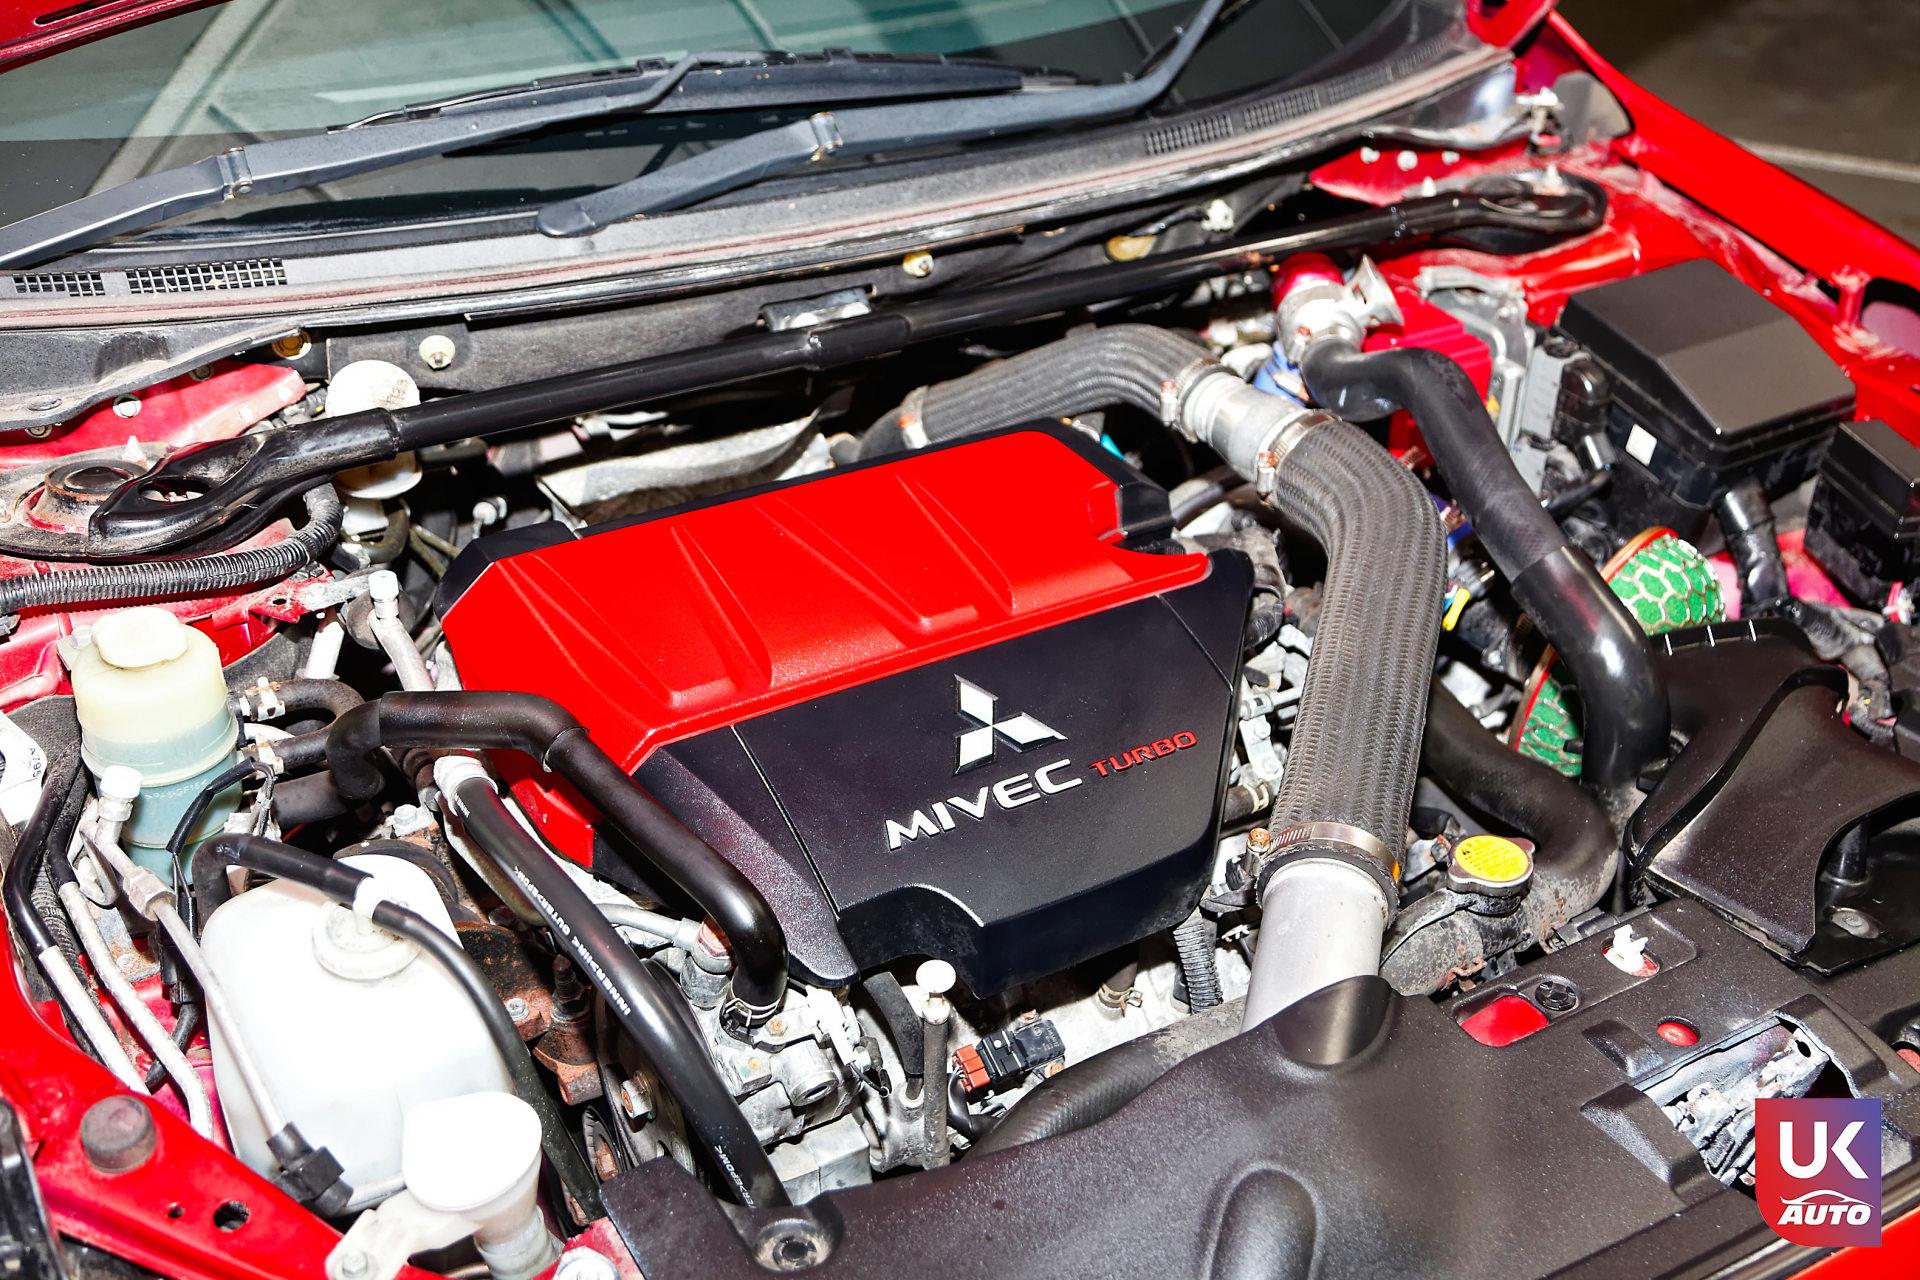 Mitsubishi Lancer evolution x GSR FQ 300 evo uk import voiture occasion11 DxO - Import Mitsubishi angleterre Lancer evolution x GSR FQ 300 Mitsubishi Import voiture Angleterre Autoscout angleterre